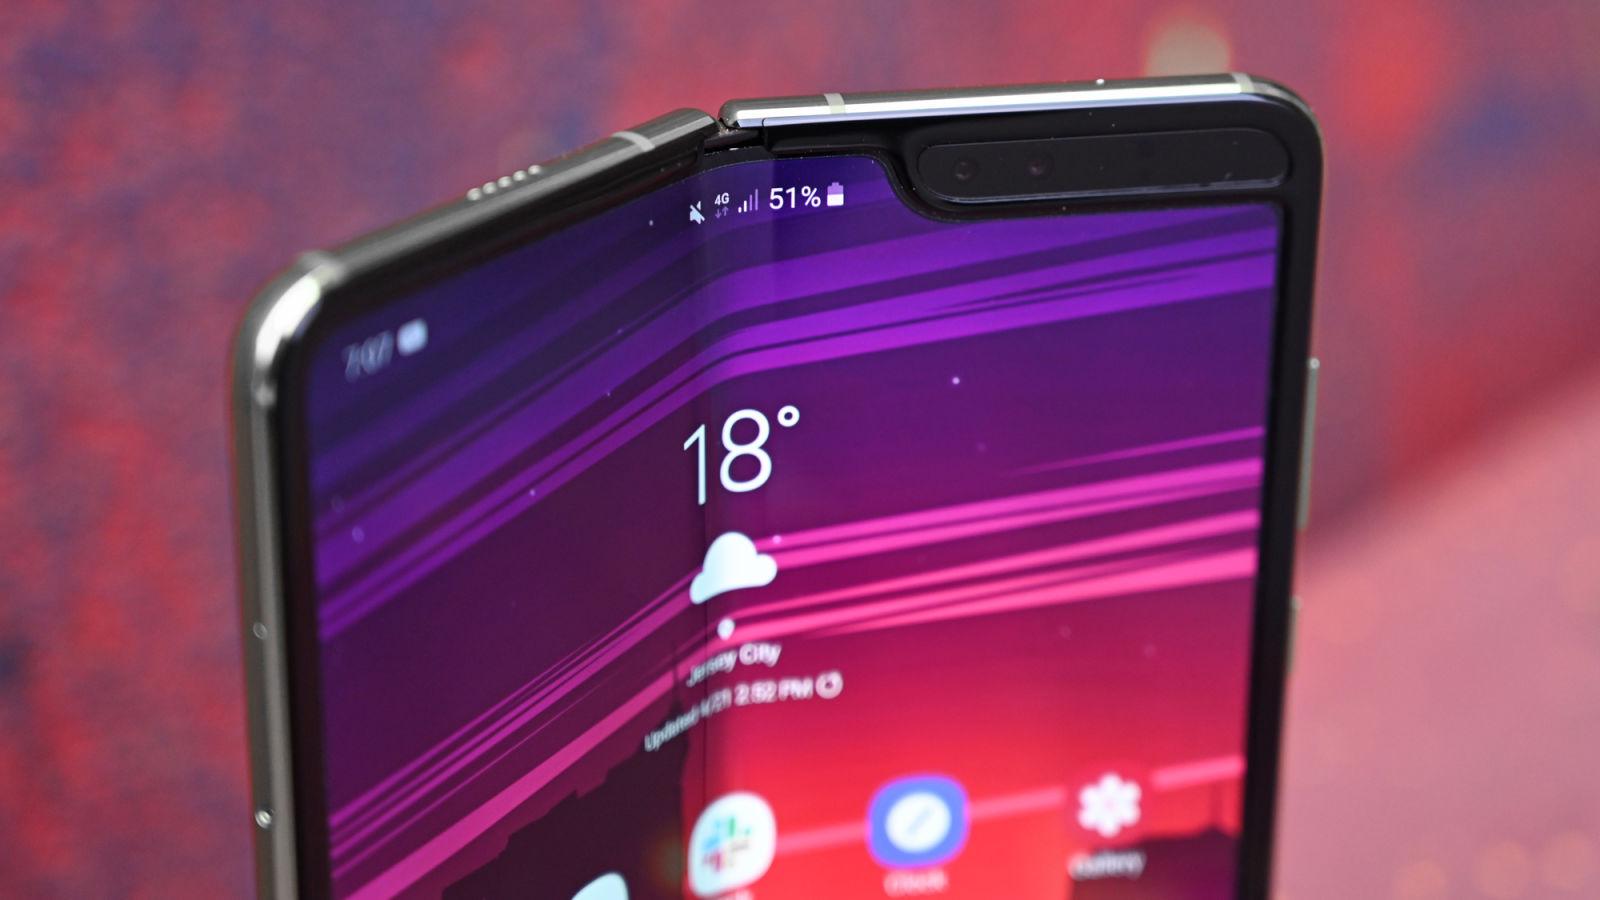 В компании Samsung заявили о том, что в складном смартфоне Galaxy Fold исправили уязвимости и дефекты